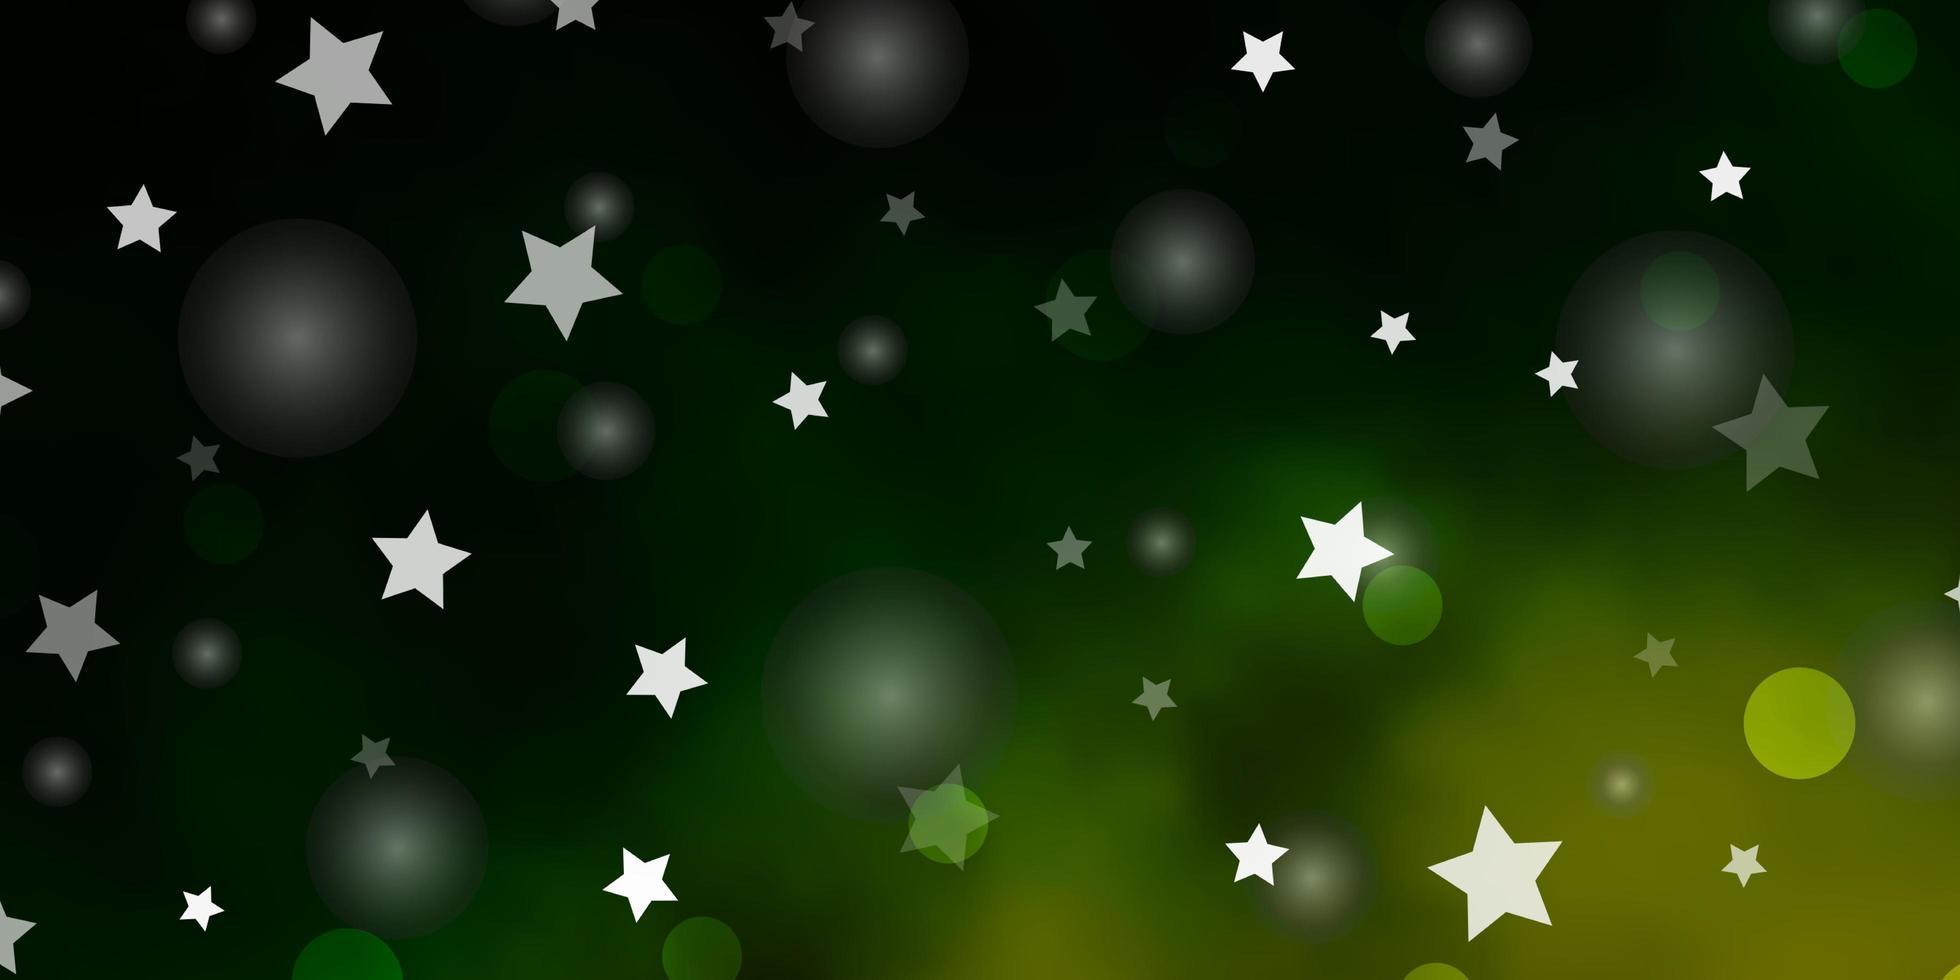 mörkgrön mall med cirklar, stjärnor. vektor